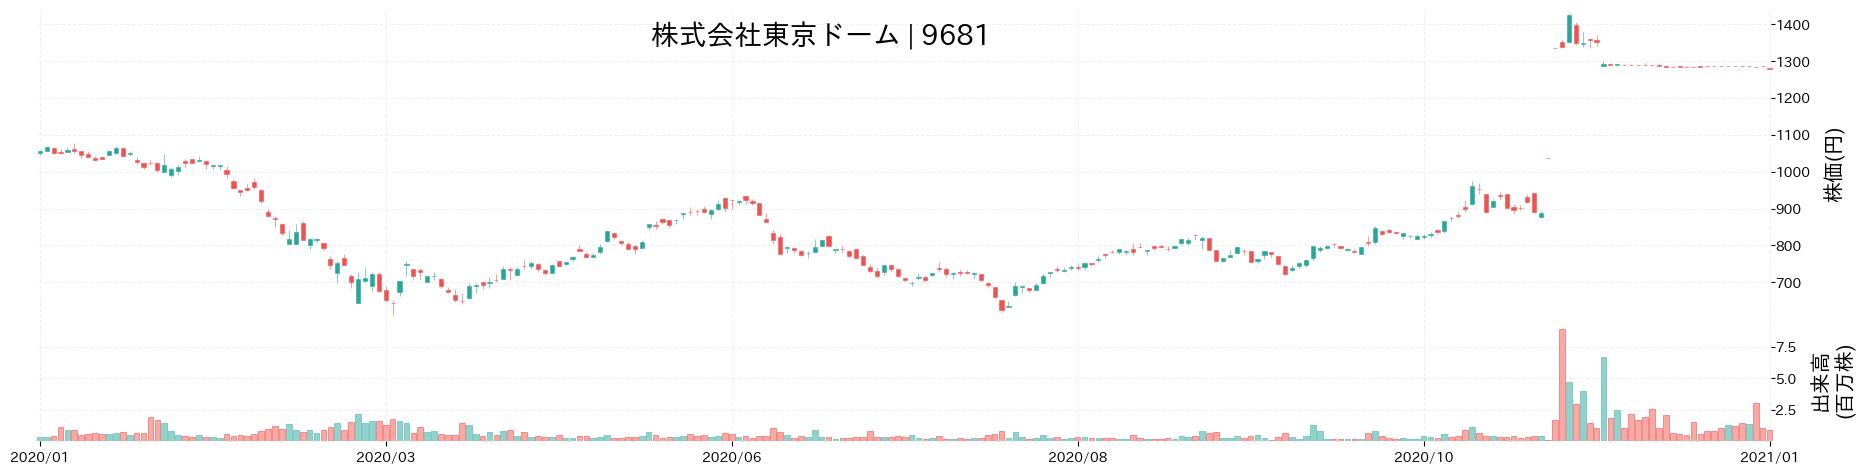 株式会社東京ドームの株価推移(2020)